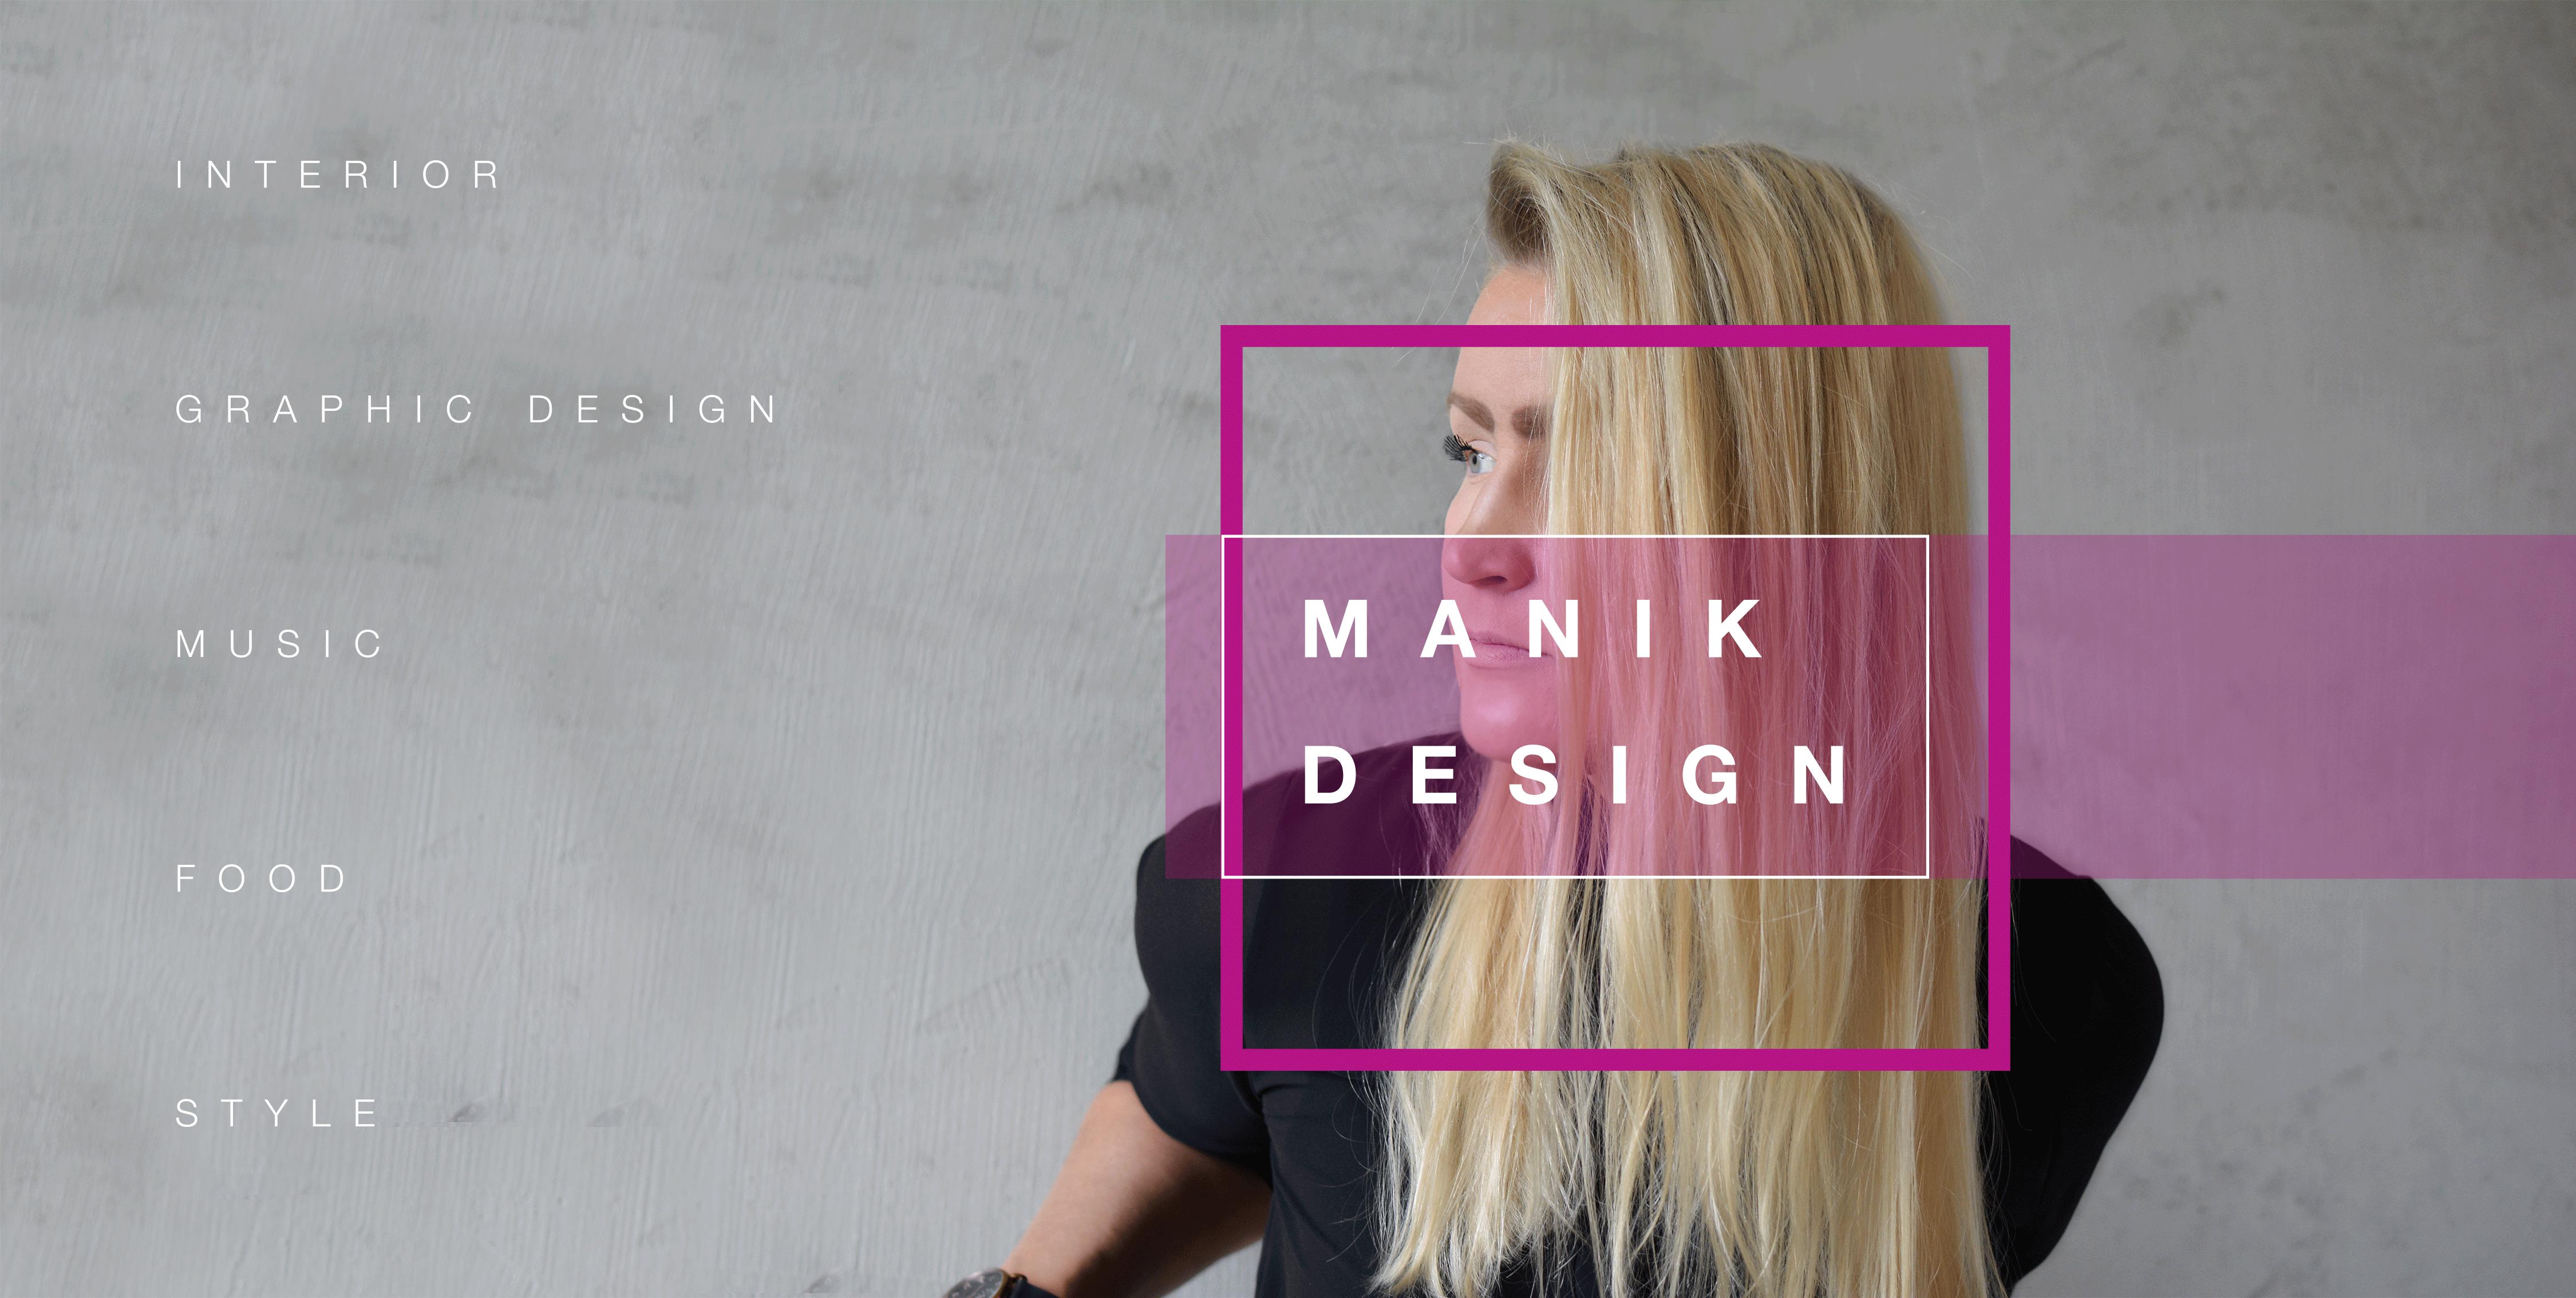 Manik Design